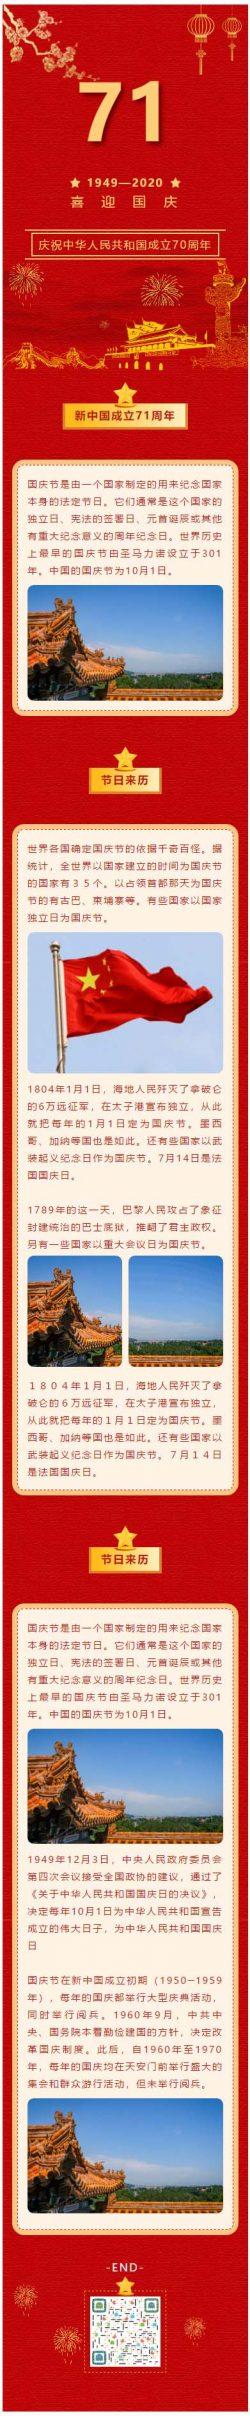 2020国庆节庆祝中华人民共和国成立71周年红色背景动态背景烟花微信公众号推文模板推送素材